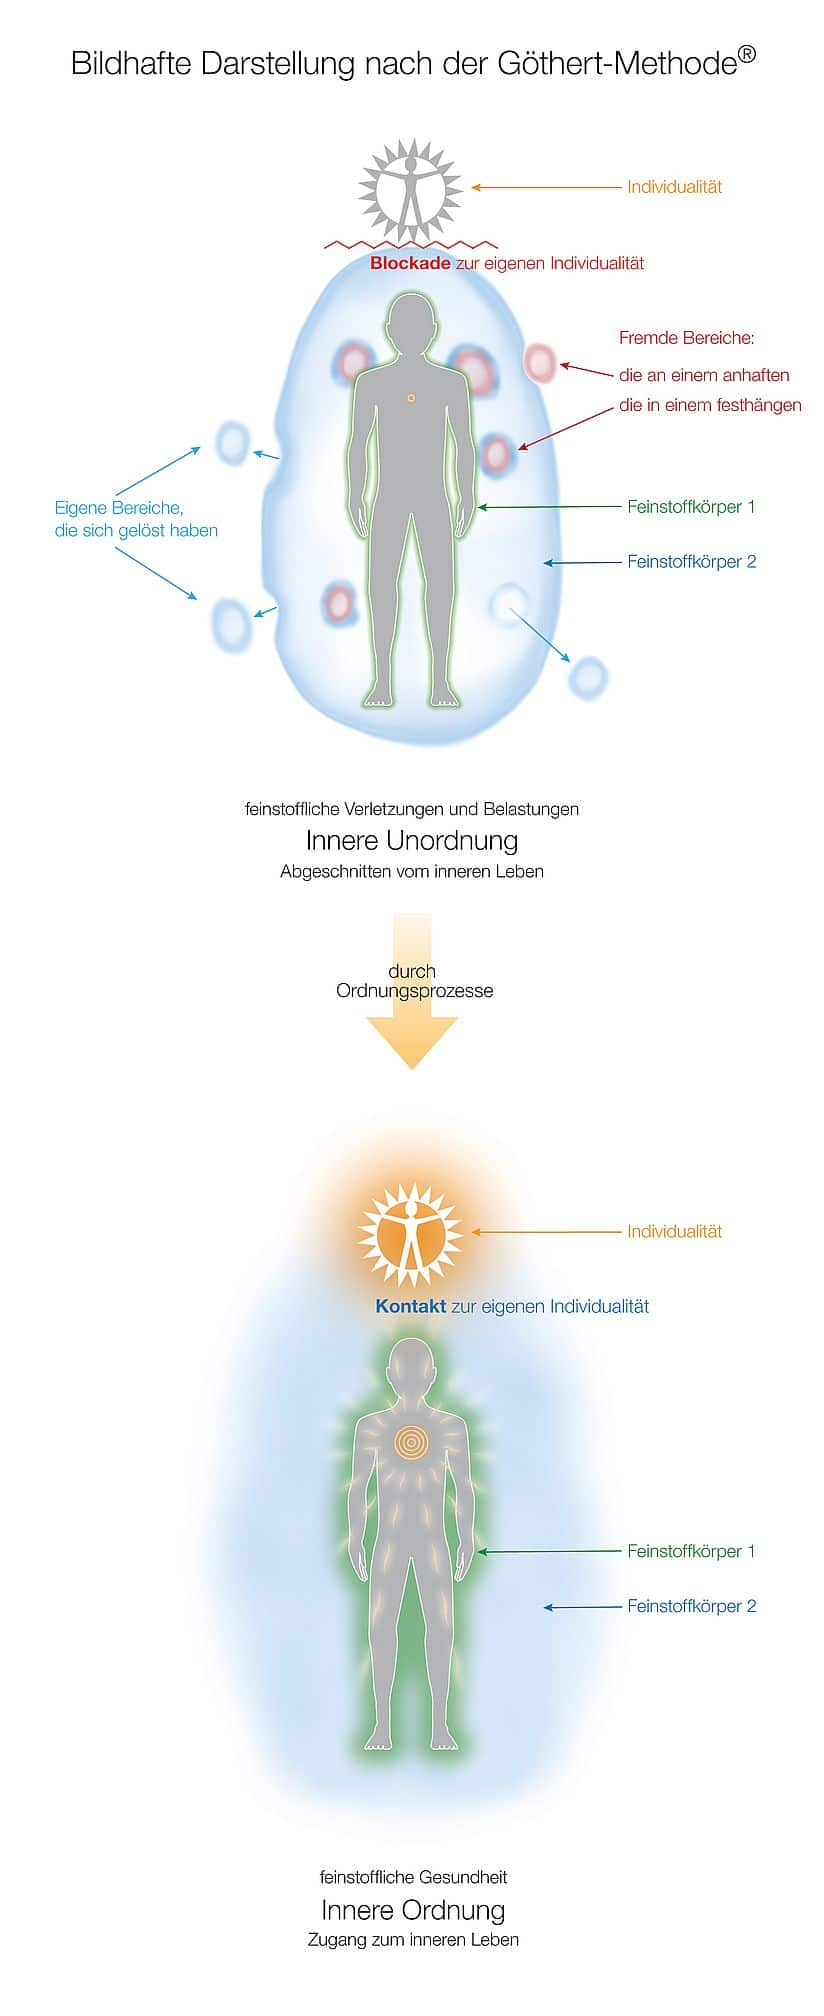 2. Was passiert in den Feinstoffkörpern, wenn sich die innere Unordnung durch Ordnungsprozesse zur inneren Ordnung verändert?